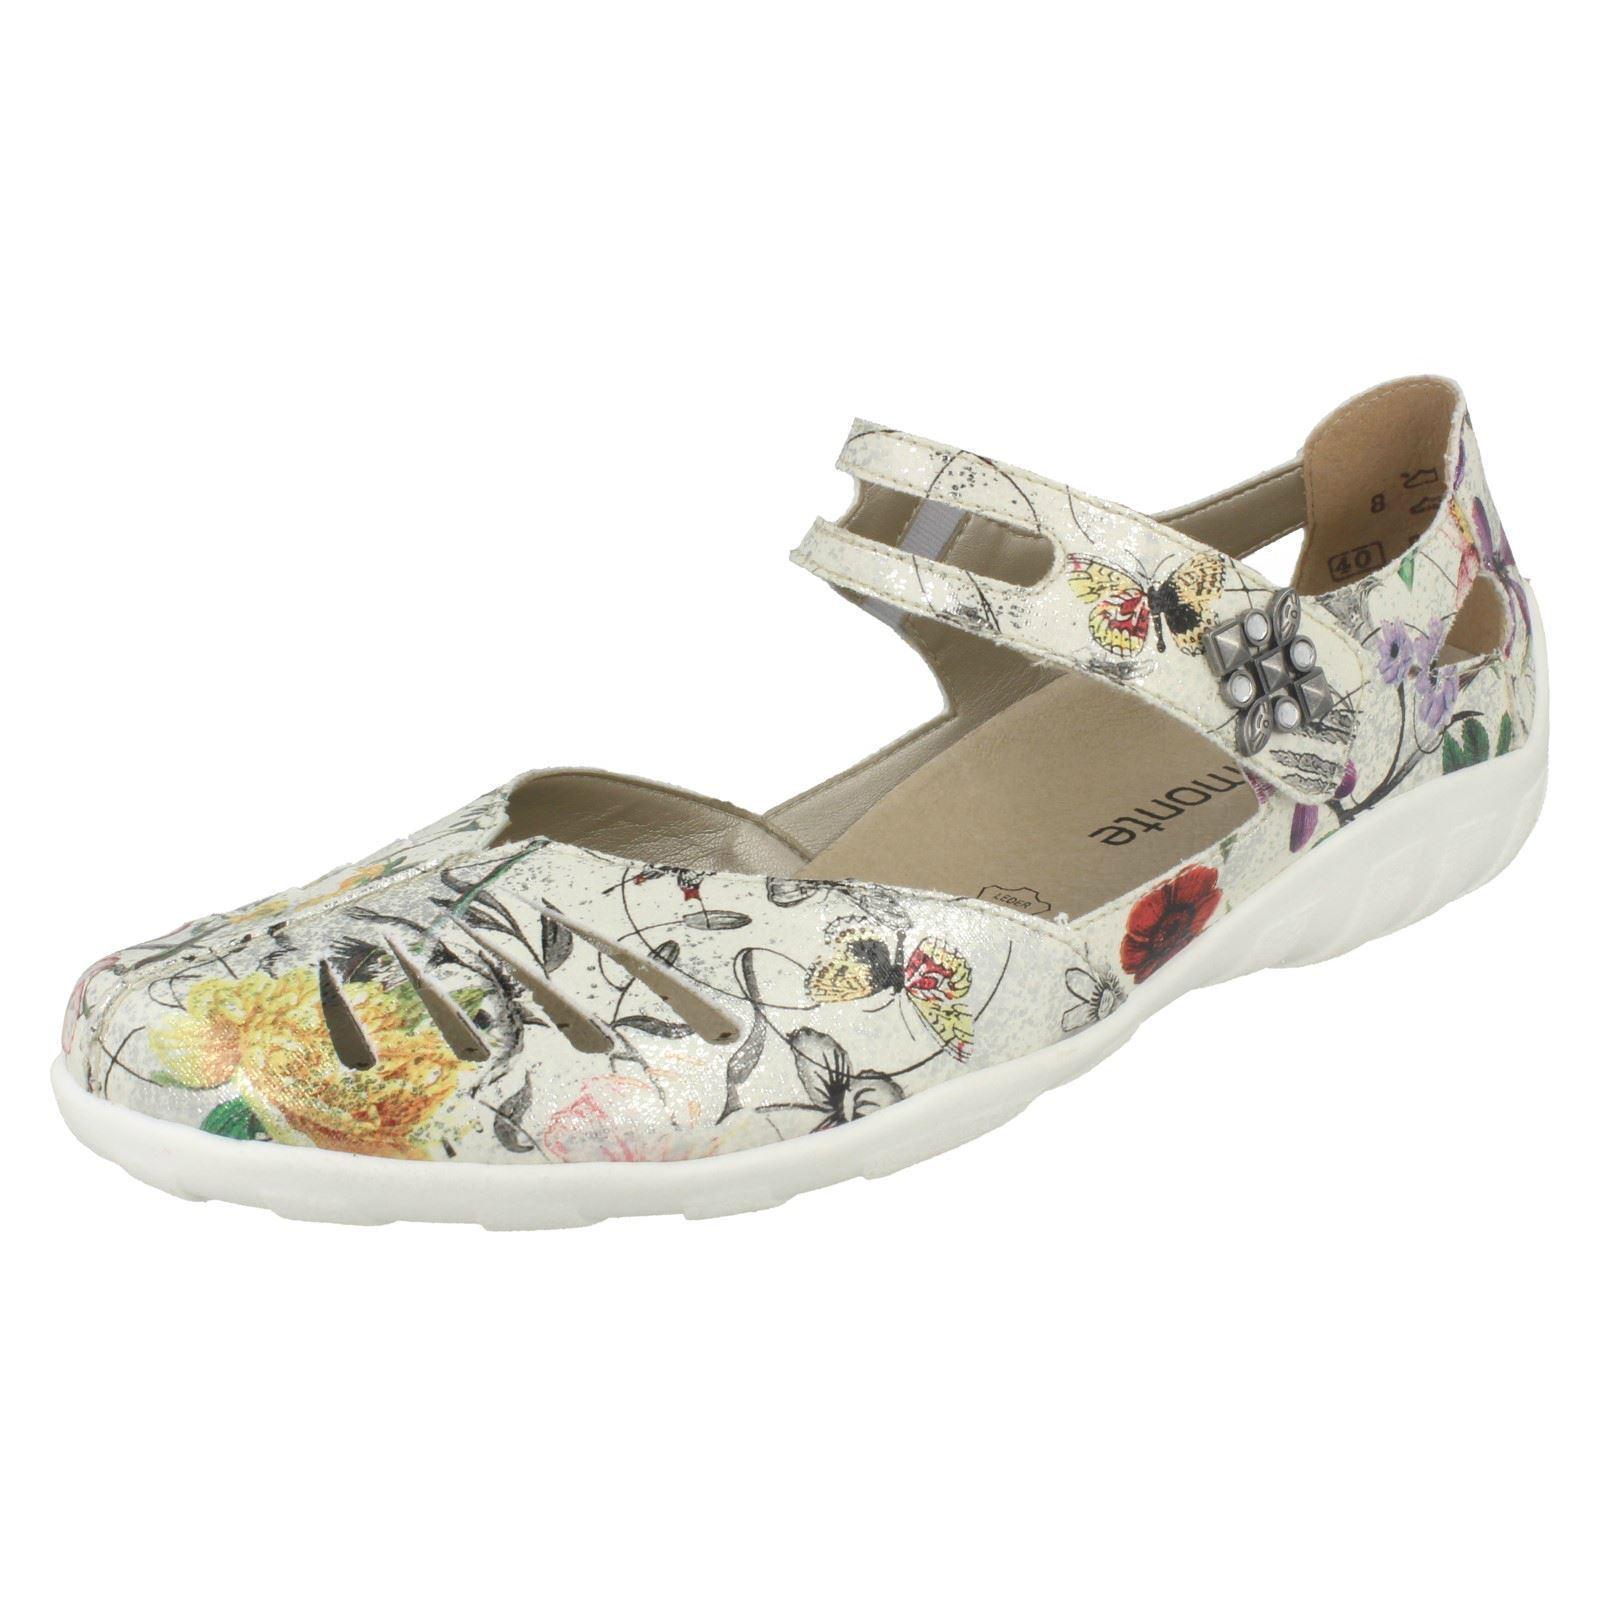 modelo más vendido de la marca Mujer Remonte R3412 Metálico Zapatos Casuales Cuero